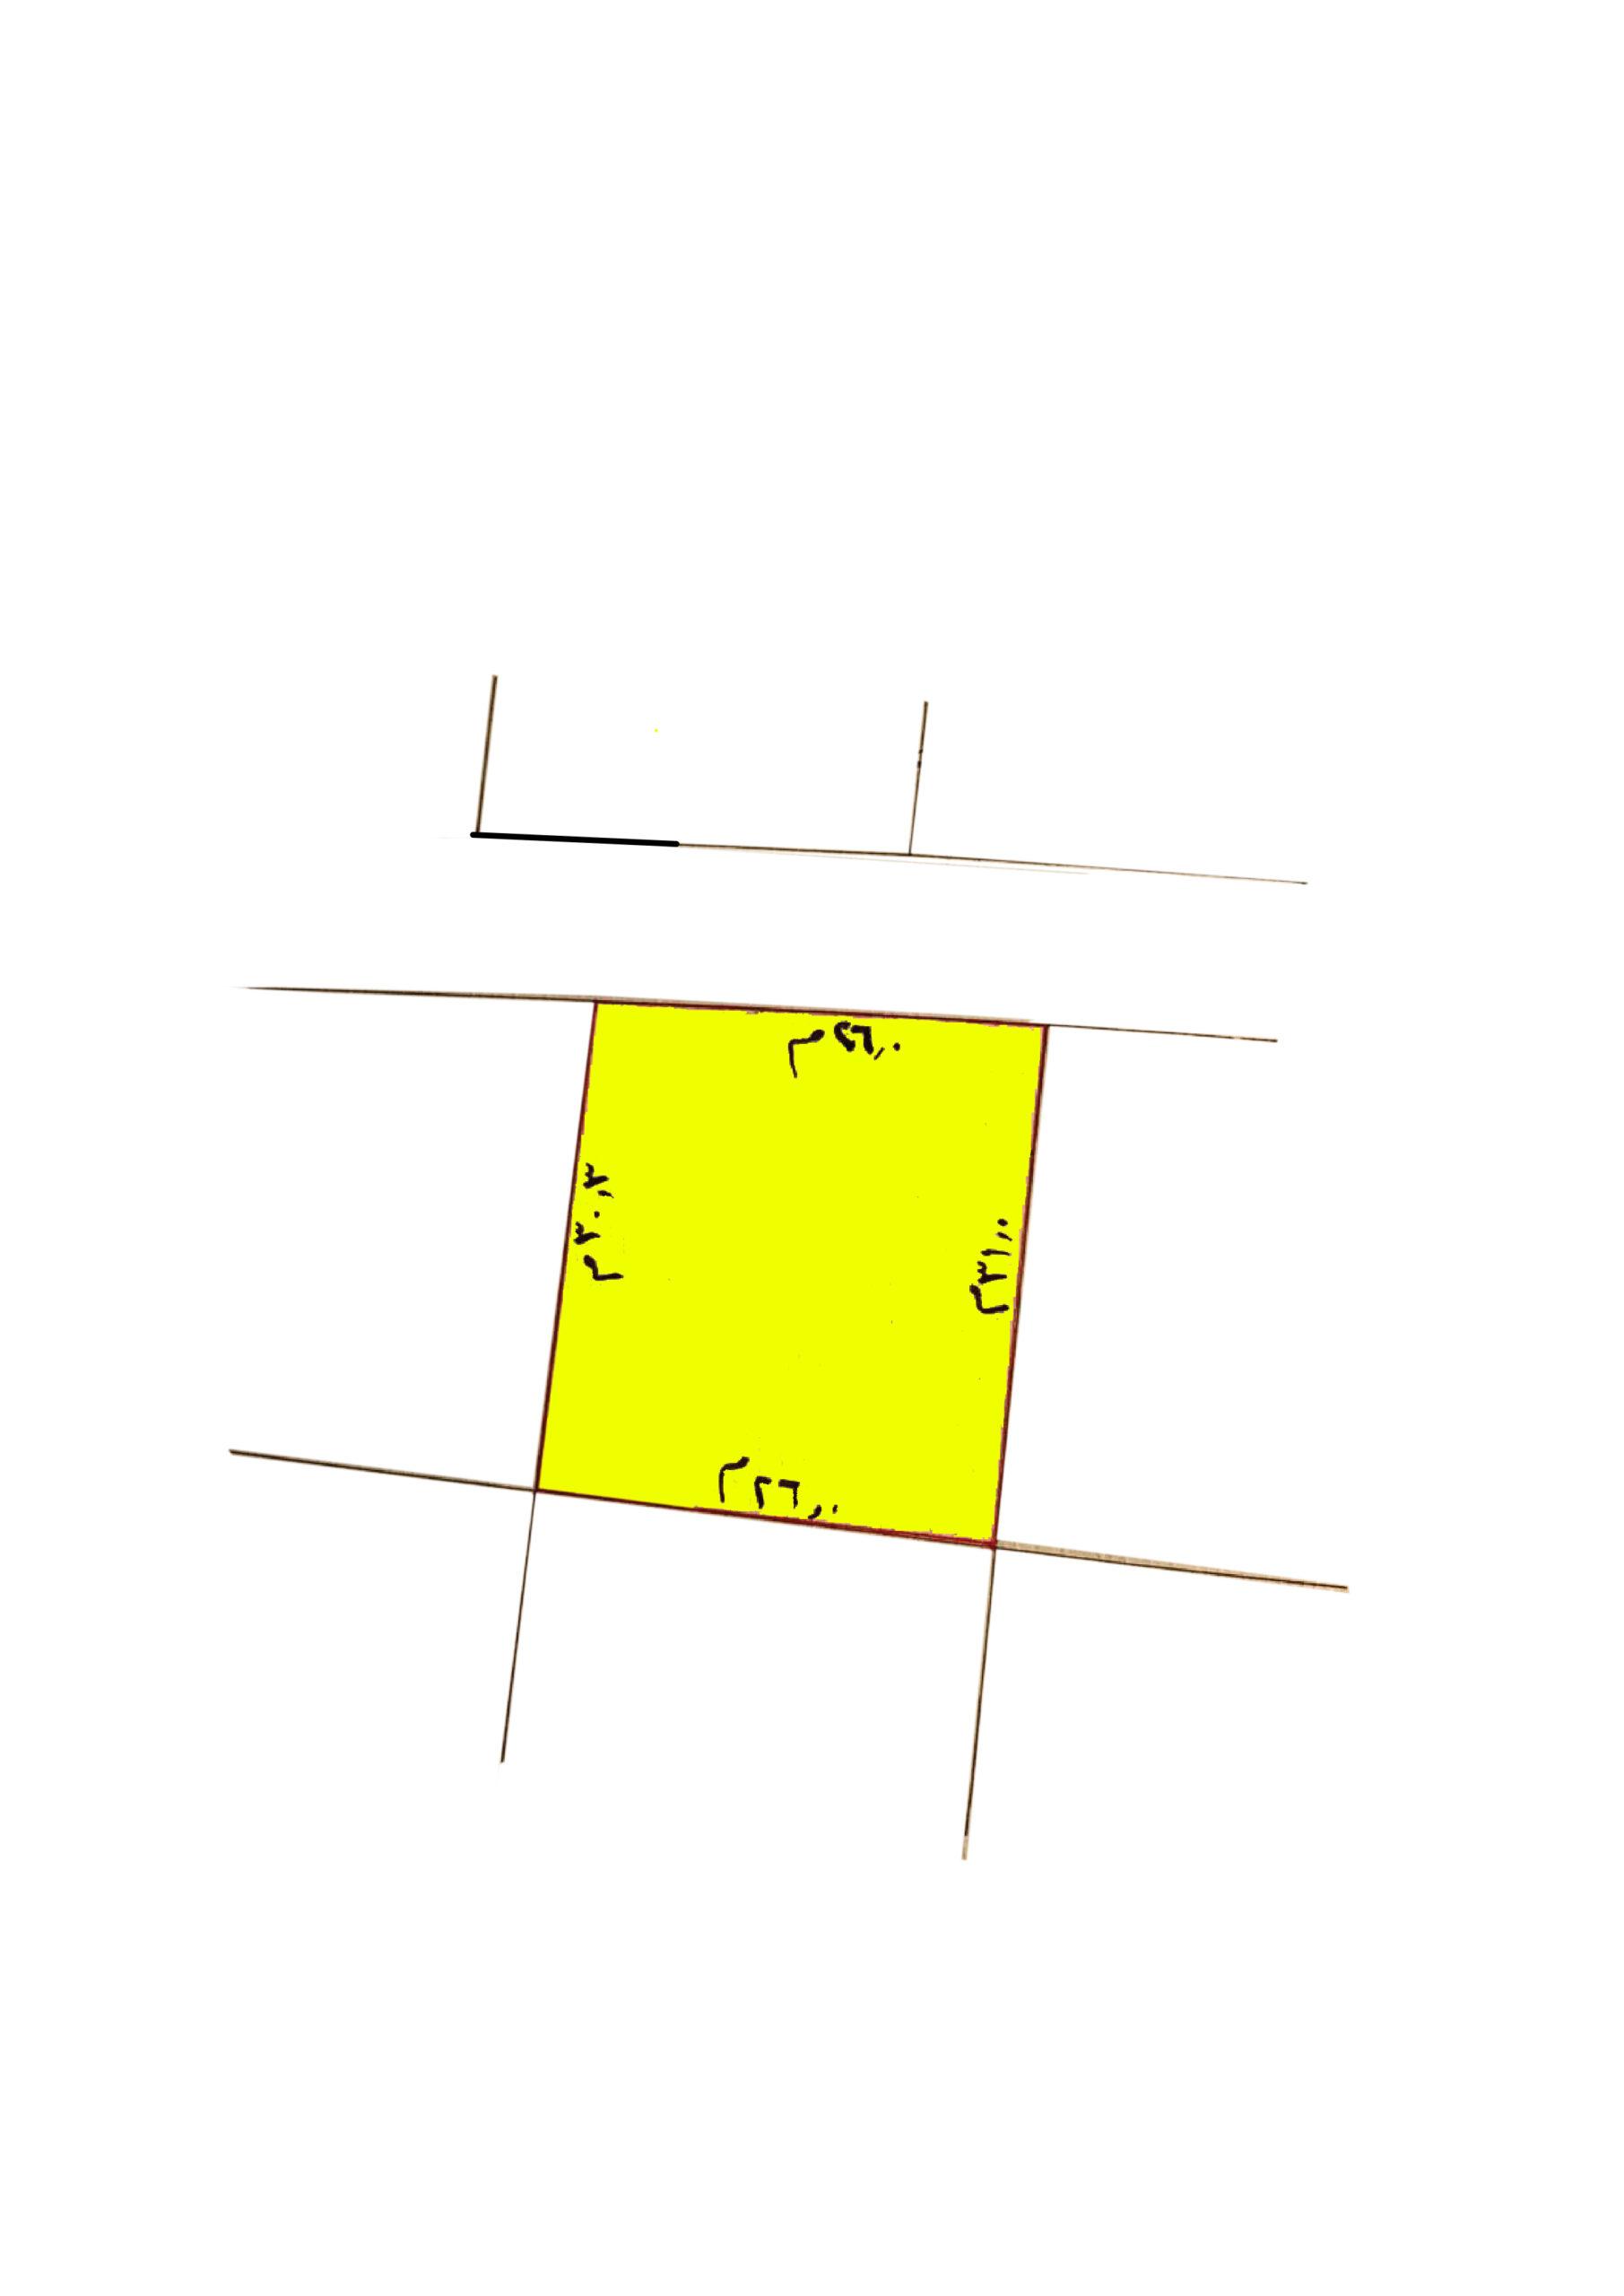 للبيع أرض سكني متصل ( أ ) بمنطقة عالي، مساحة الارض 796.60 متر مربع، مطلوبة بقيمة -/ 205,788 دينار وقابل للتفاوض